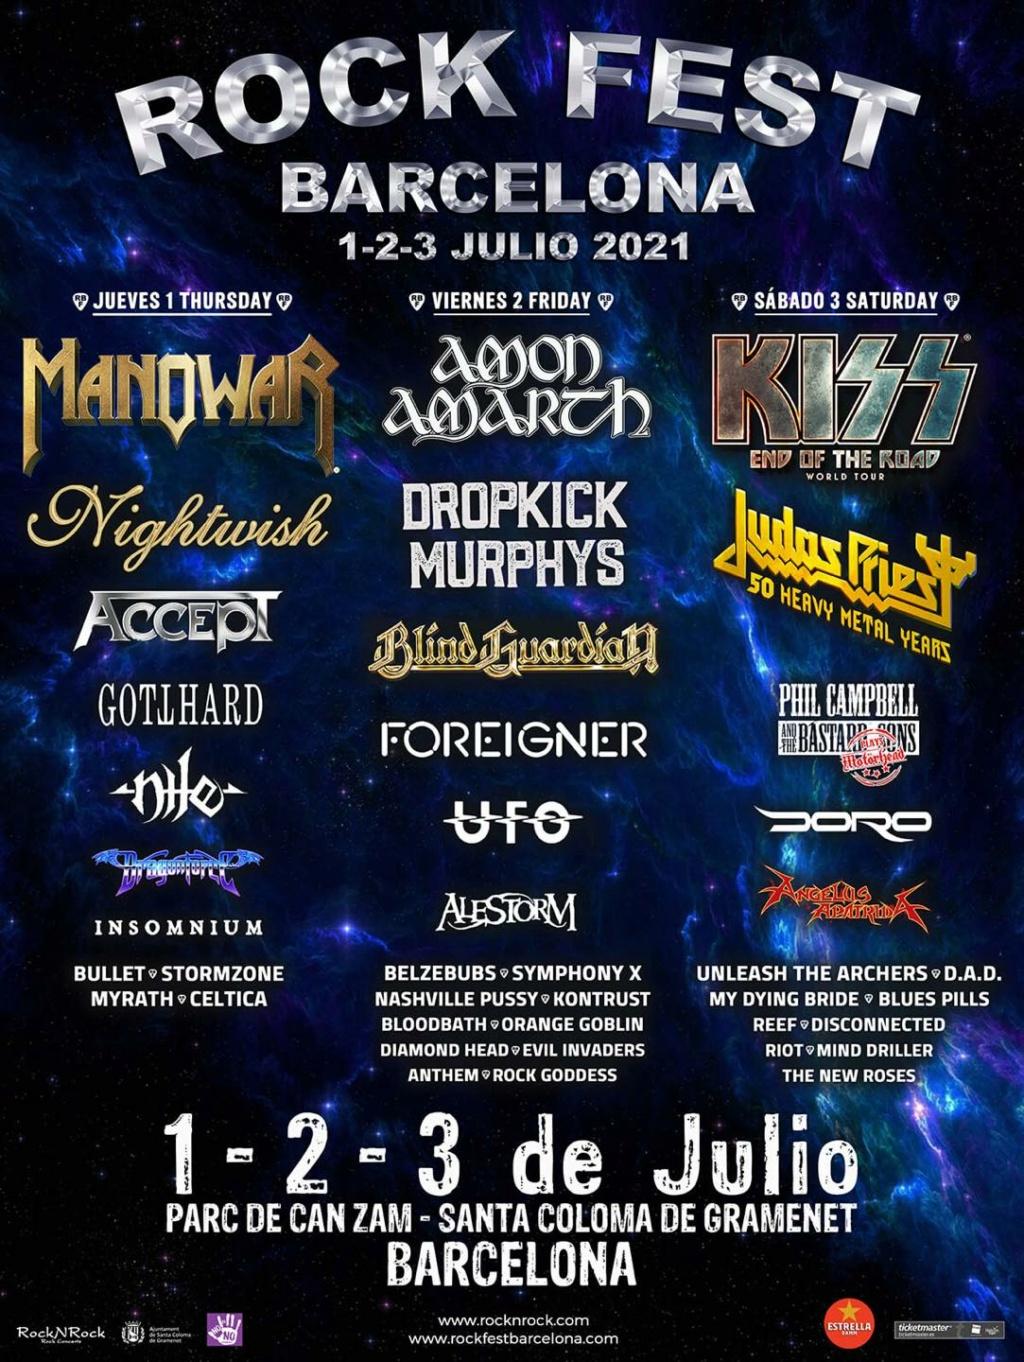 Rock Fest Barcelona du 1 au 3 juillet 2021 Barcel10